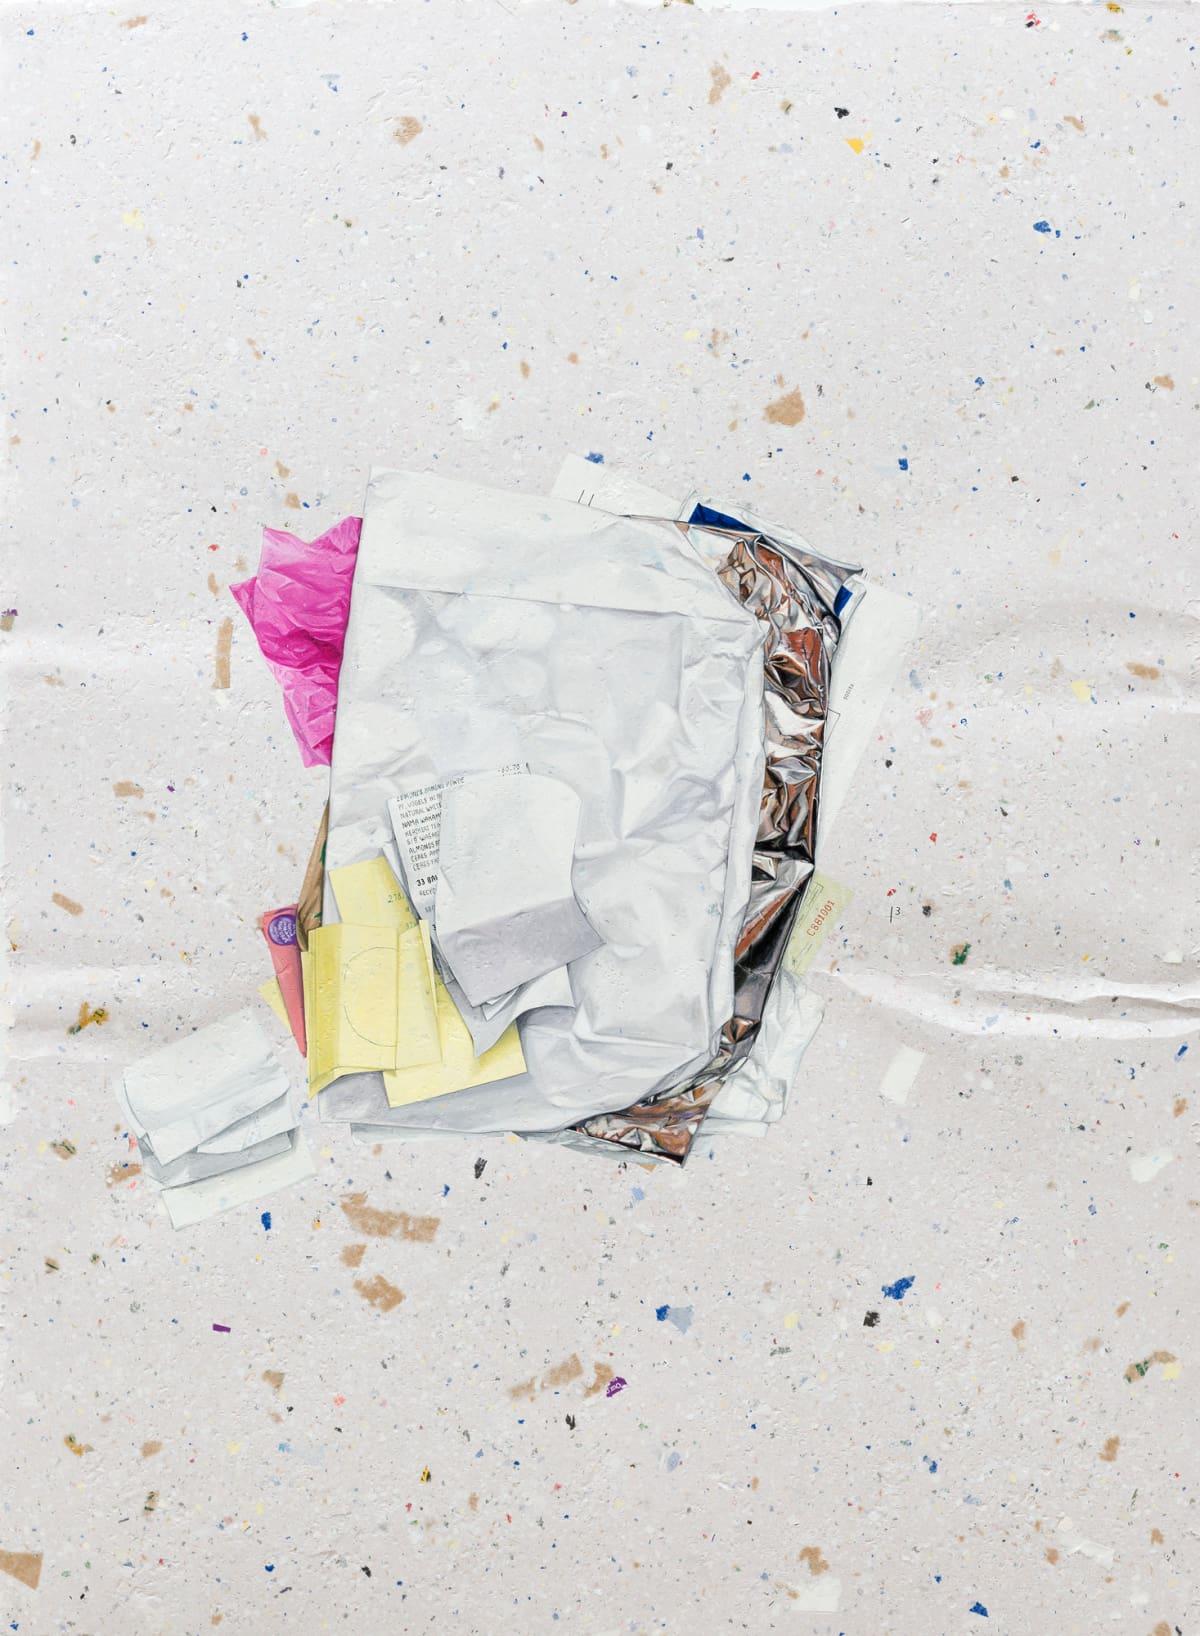 Marita Hewitt  Of Itself (Et Cetera), 2017  Watercolour  36.8 x 26 in 93.5 x 66 cm